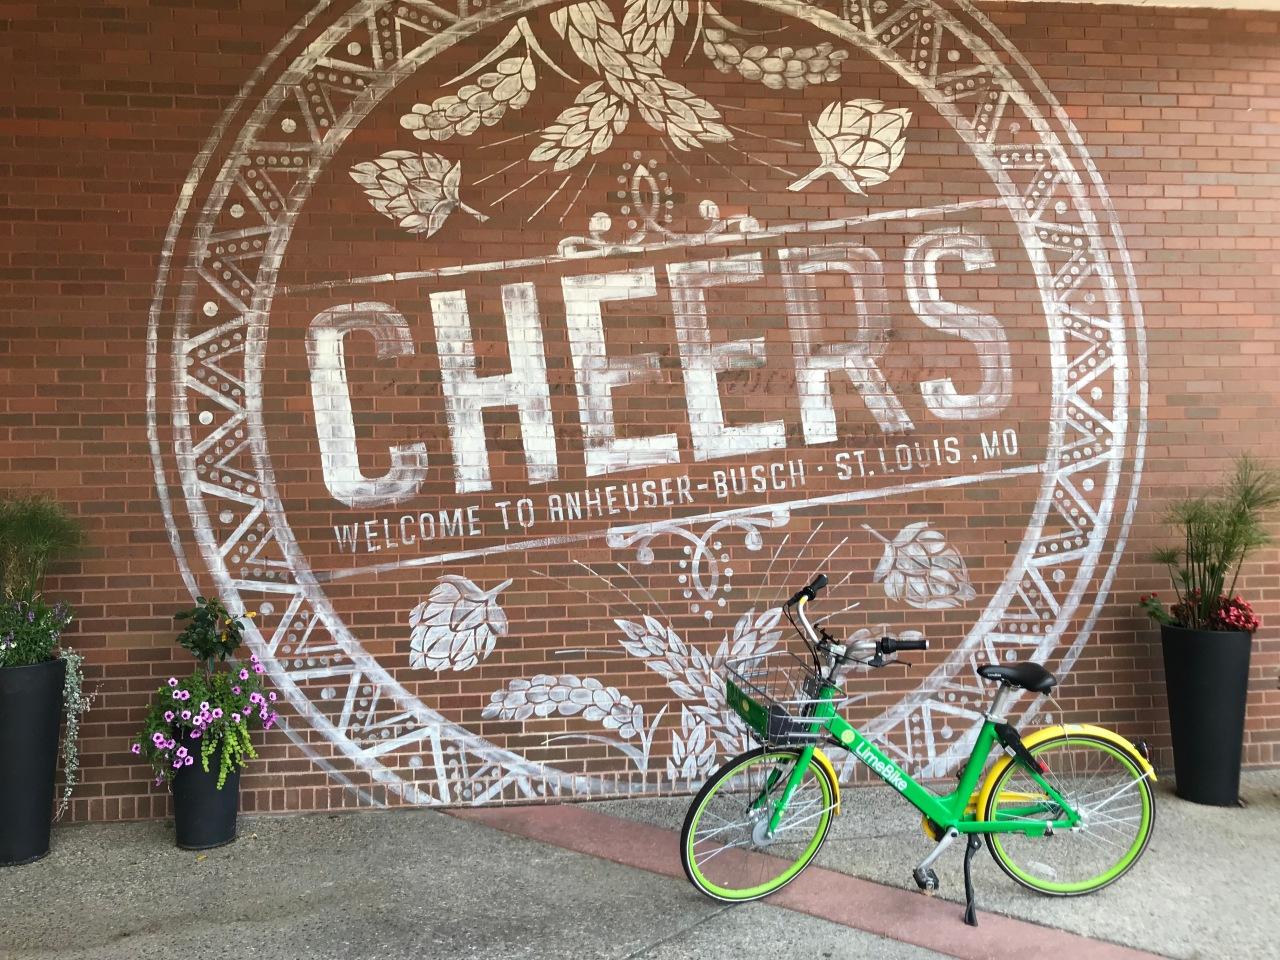 Anheuser-Busch Brewery Tour –Missouri